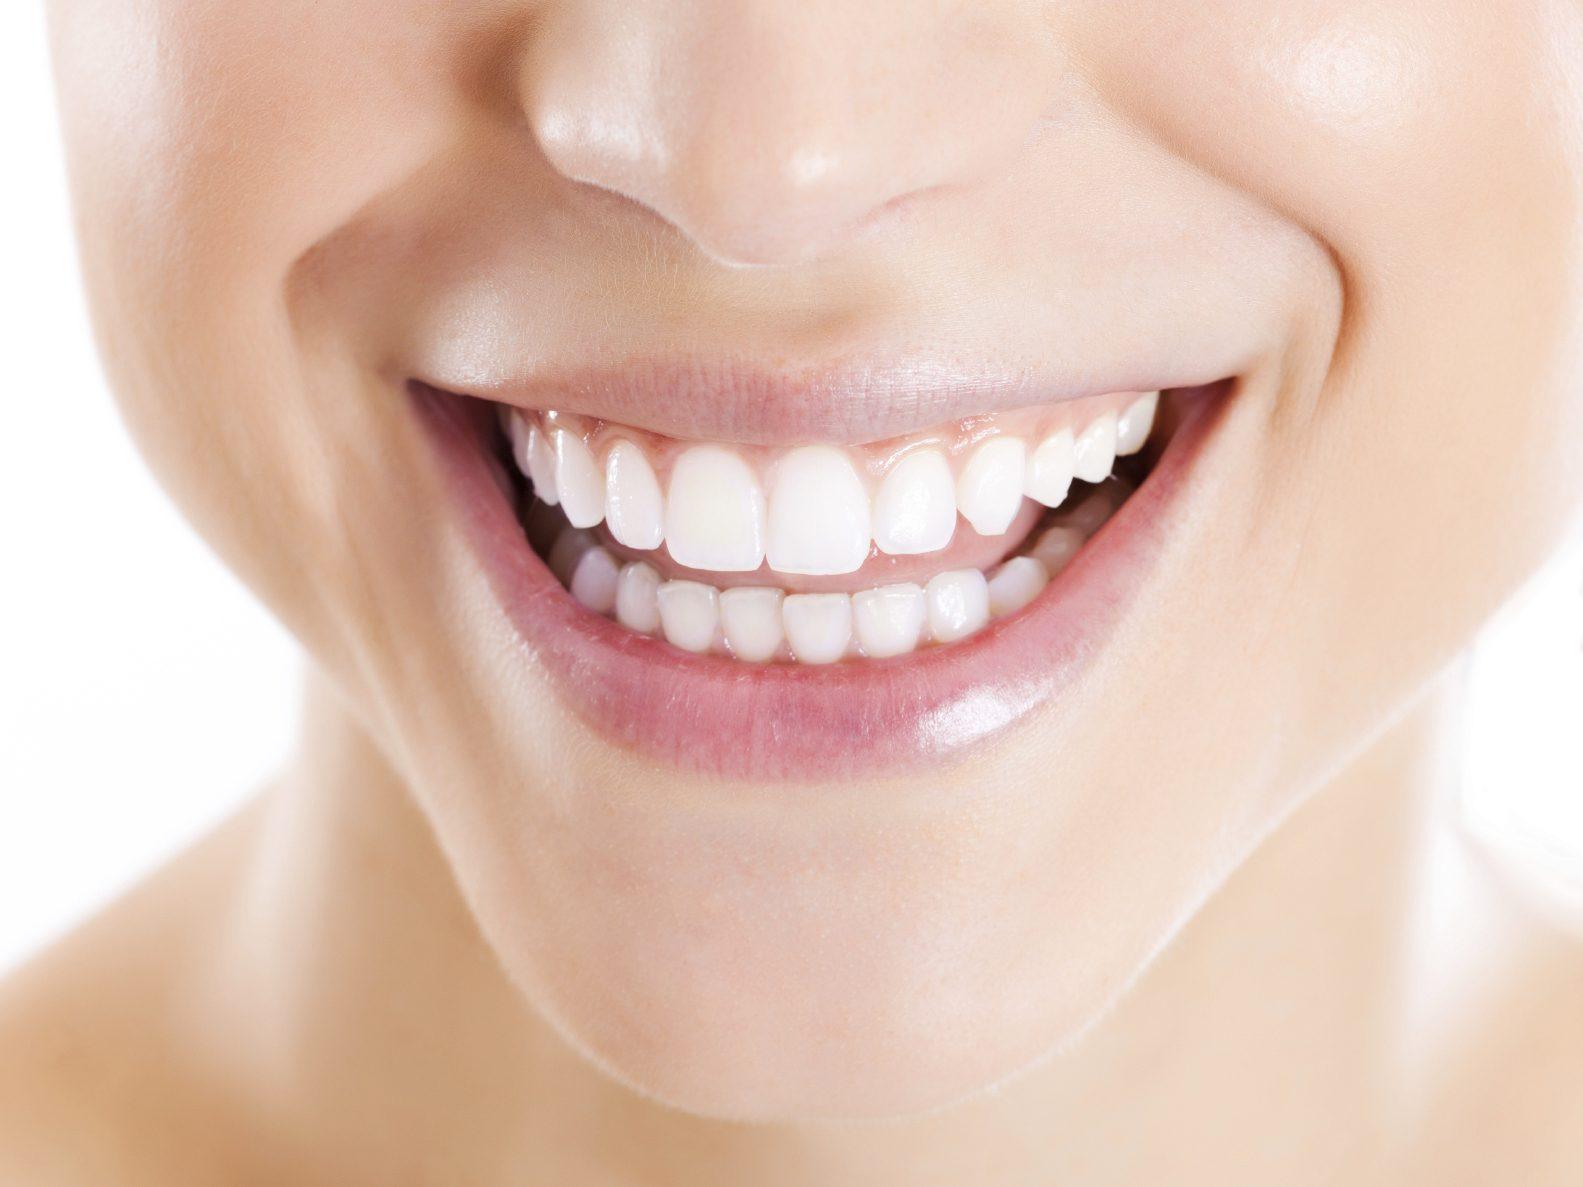 Se rincer la bouche avec de l 39 huile efficace ou non - La femme a la bouche fendue ...